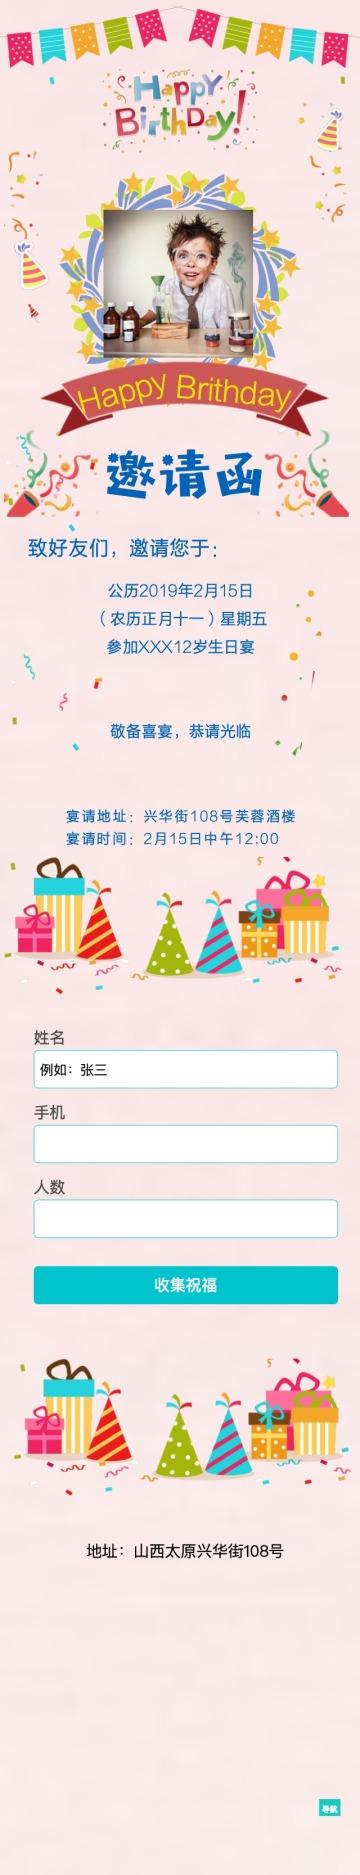 周岁生日邀请单页